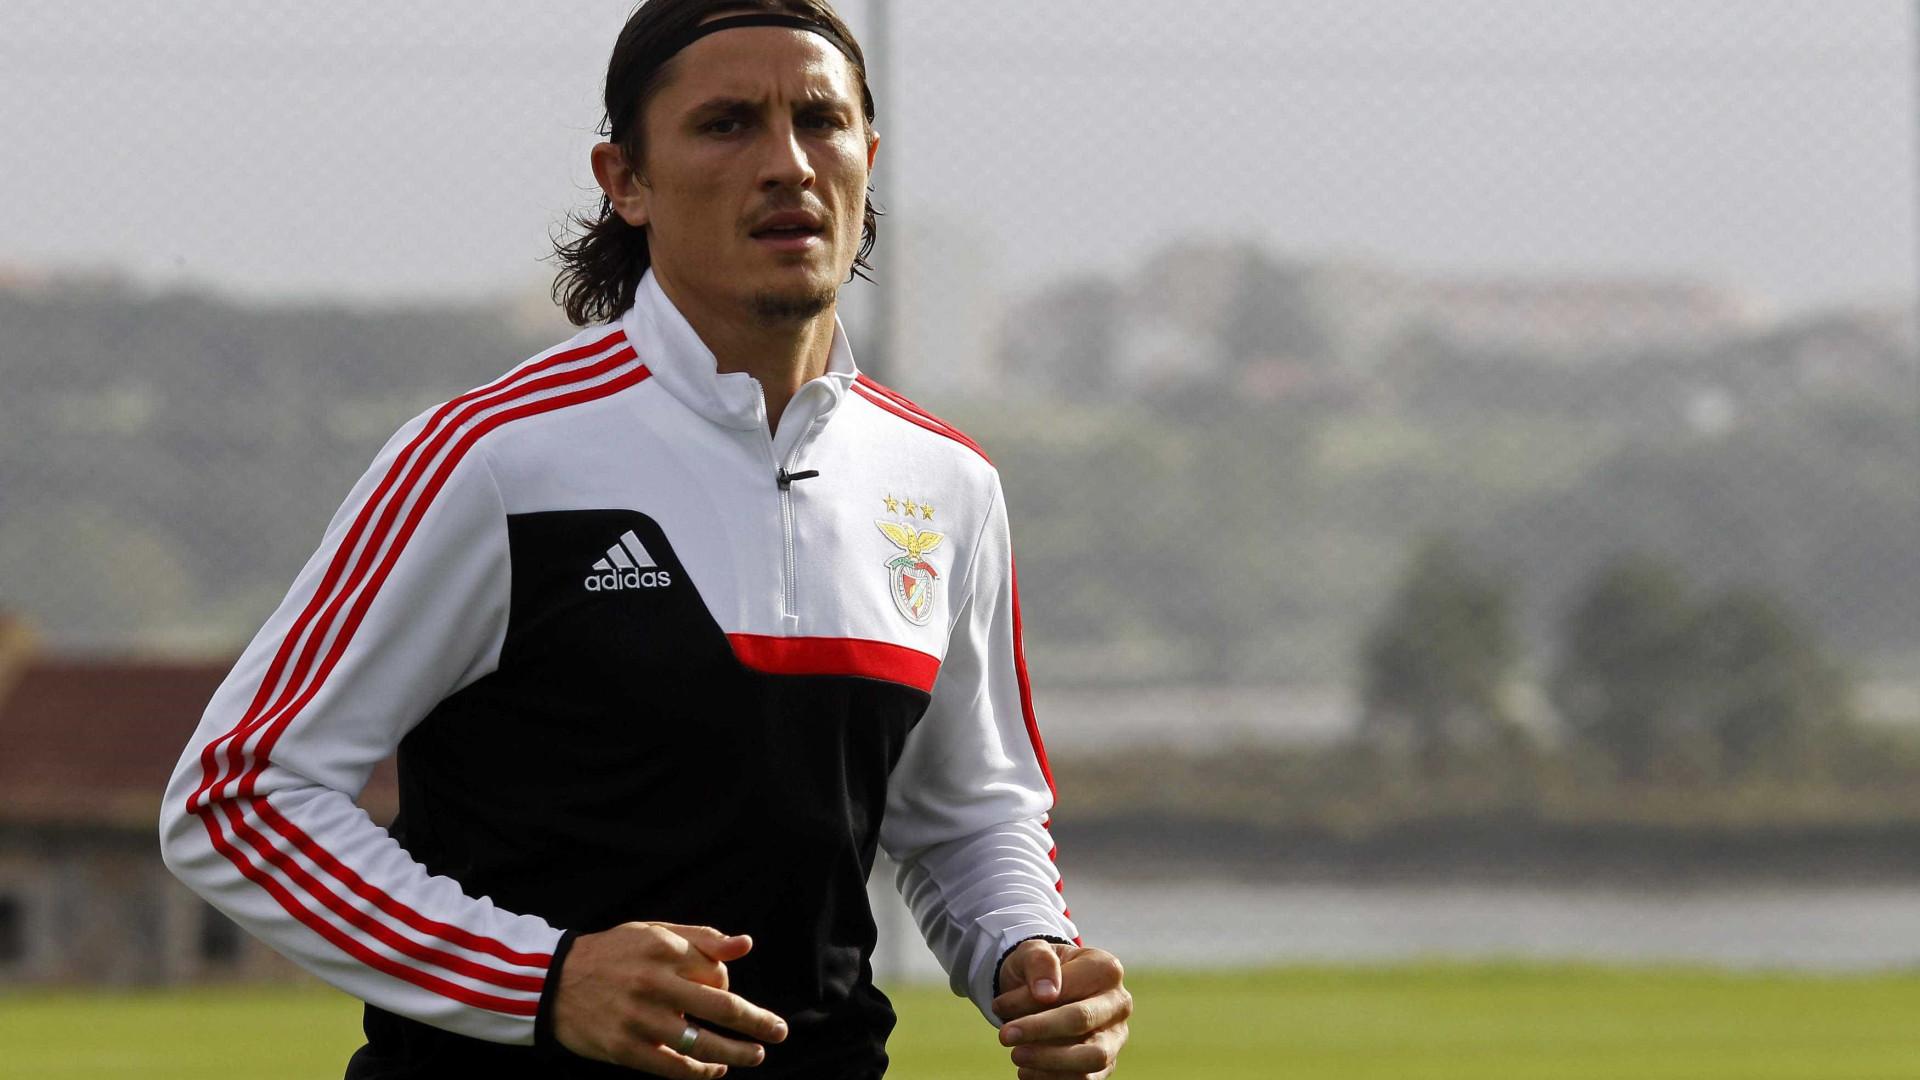 Fejsa lesionado não viaja com o Benfica para a Holanda